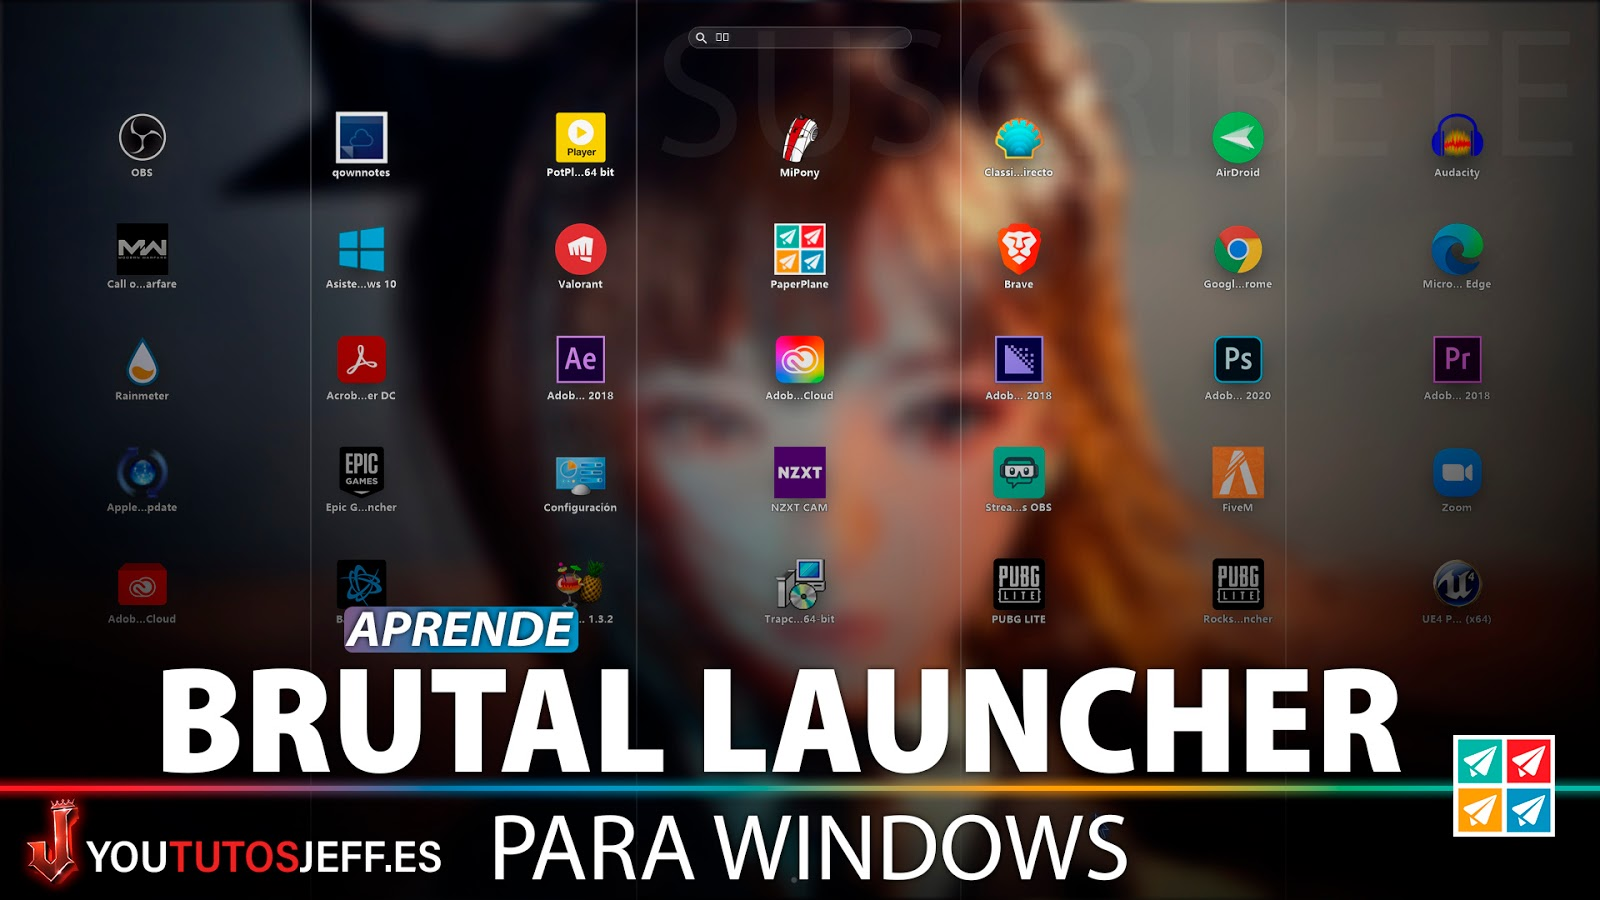 Abre tus Programas mas Rápido con este Launcher para Windows